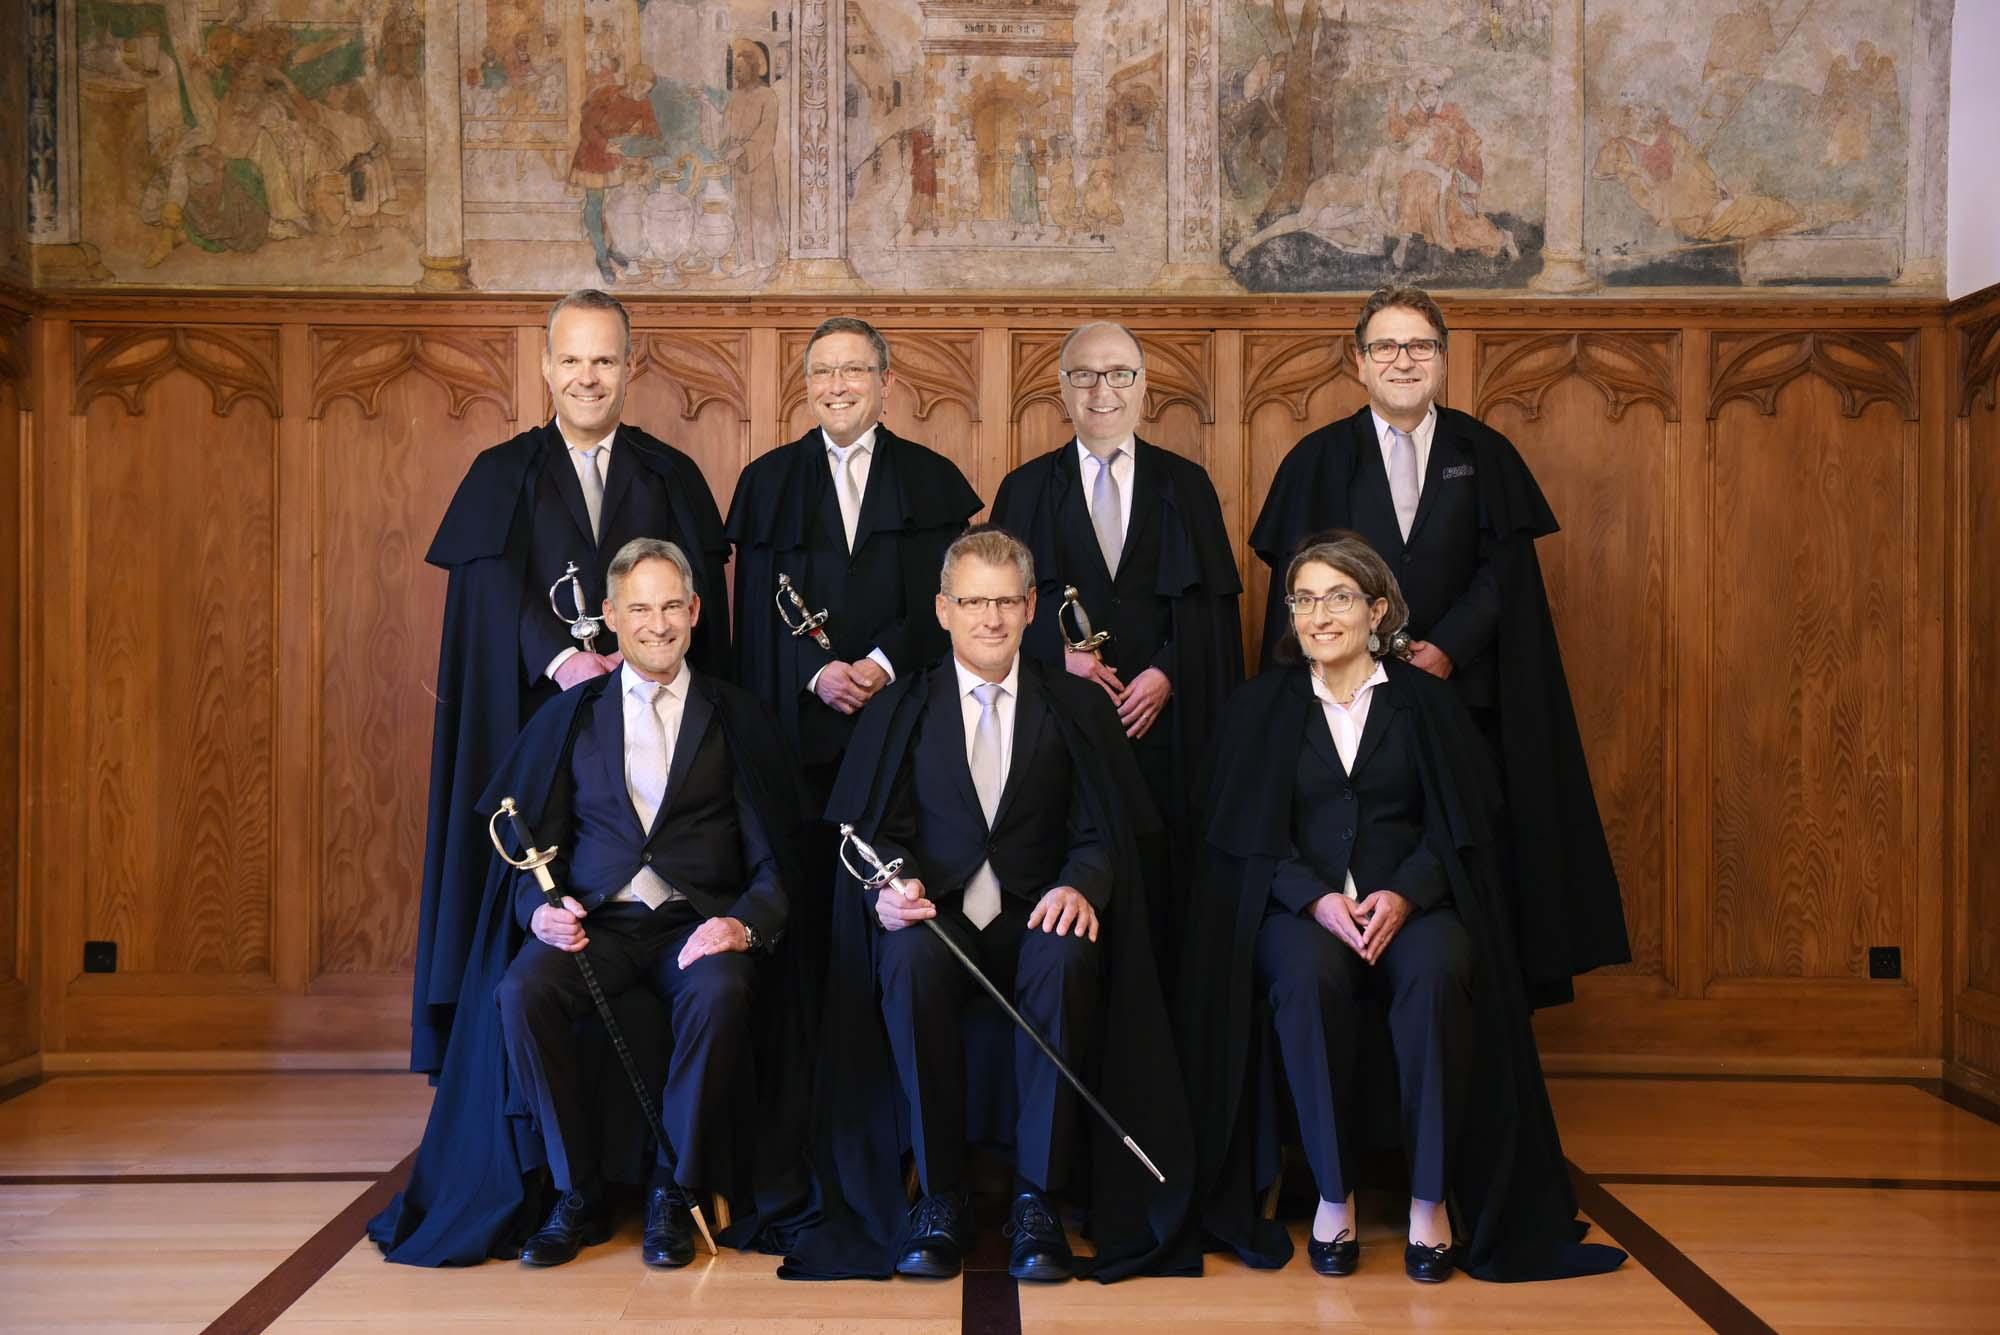 Eine – natürlich völlig fiktive – Anlehnung an das Beispiel der Kollegen aus der Ostschweiz. So könnte sich der Zuger Regierungsrat von der konservativen Seite zeigen.